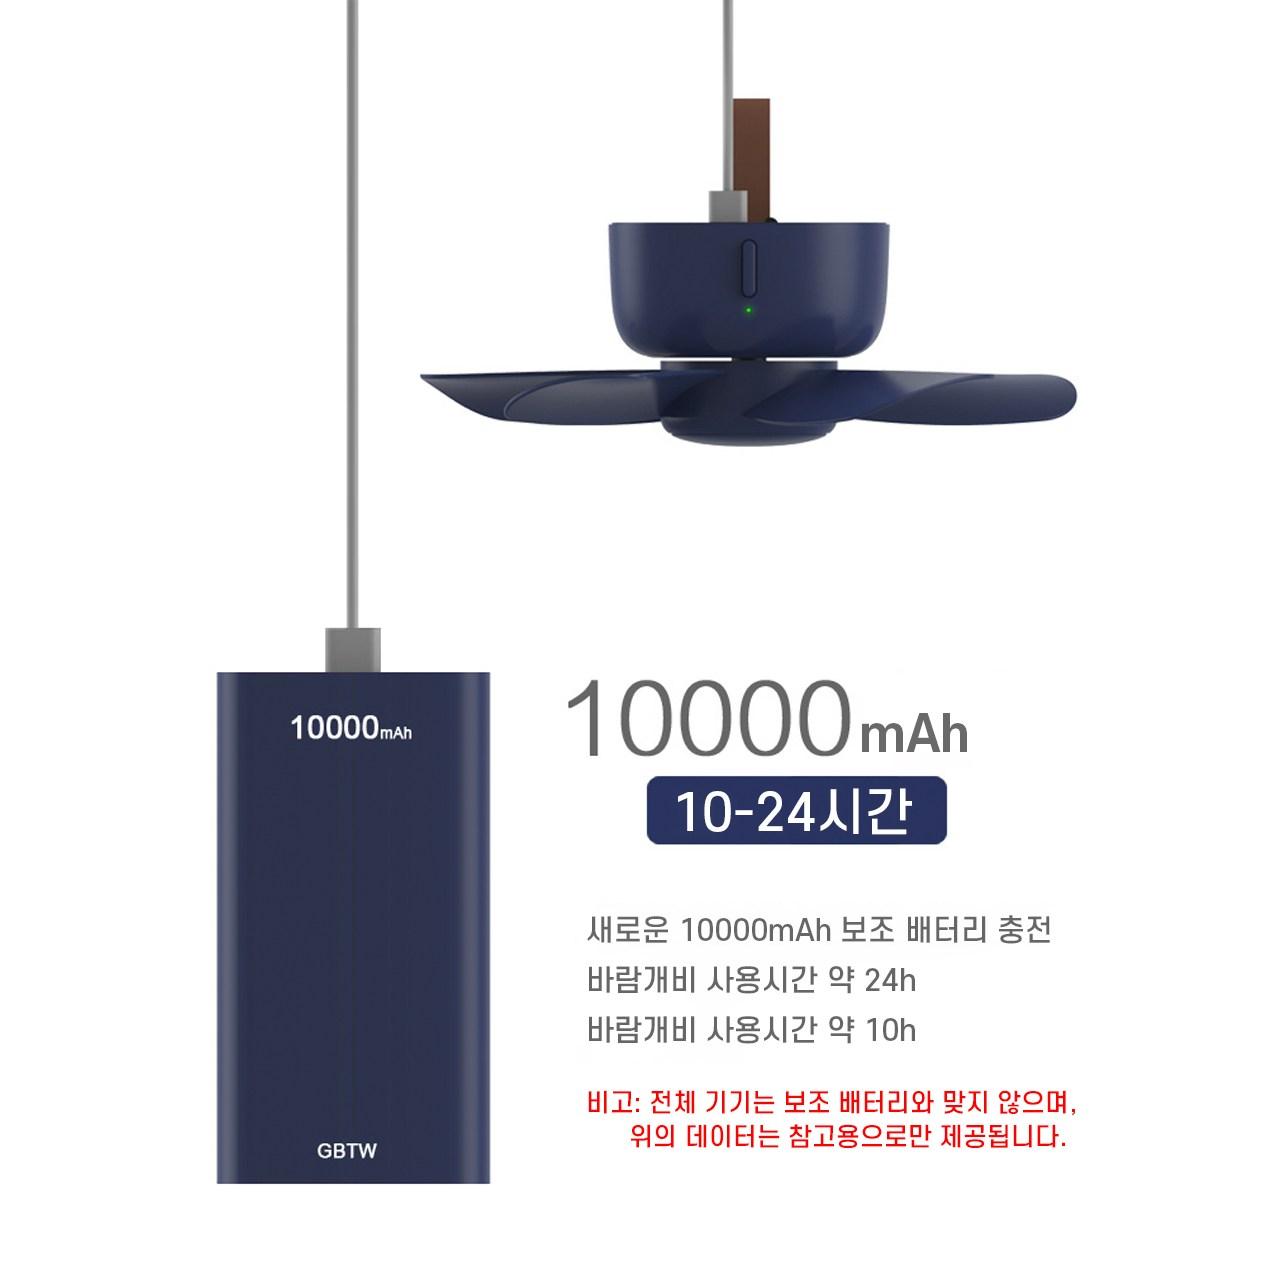 두리번 캠핑용 무선 USB 충전 타프팬 리모콘 선풍기 천장형, 블루컬러